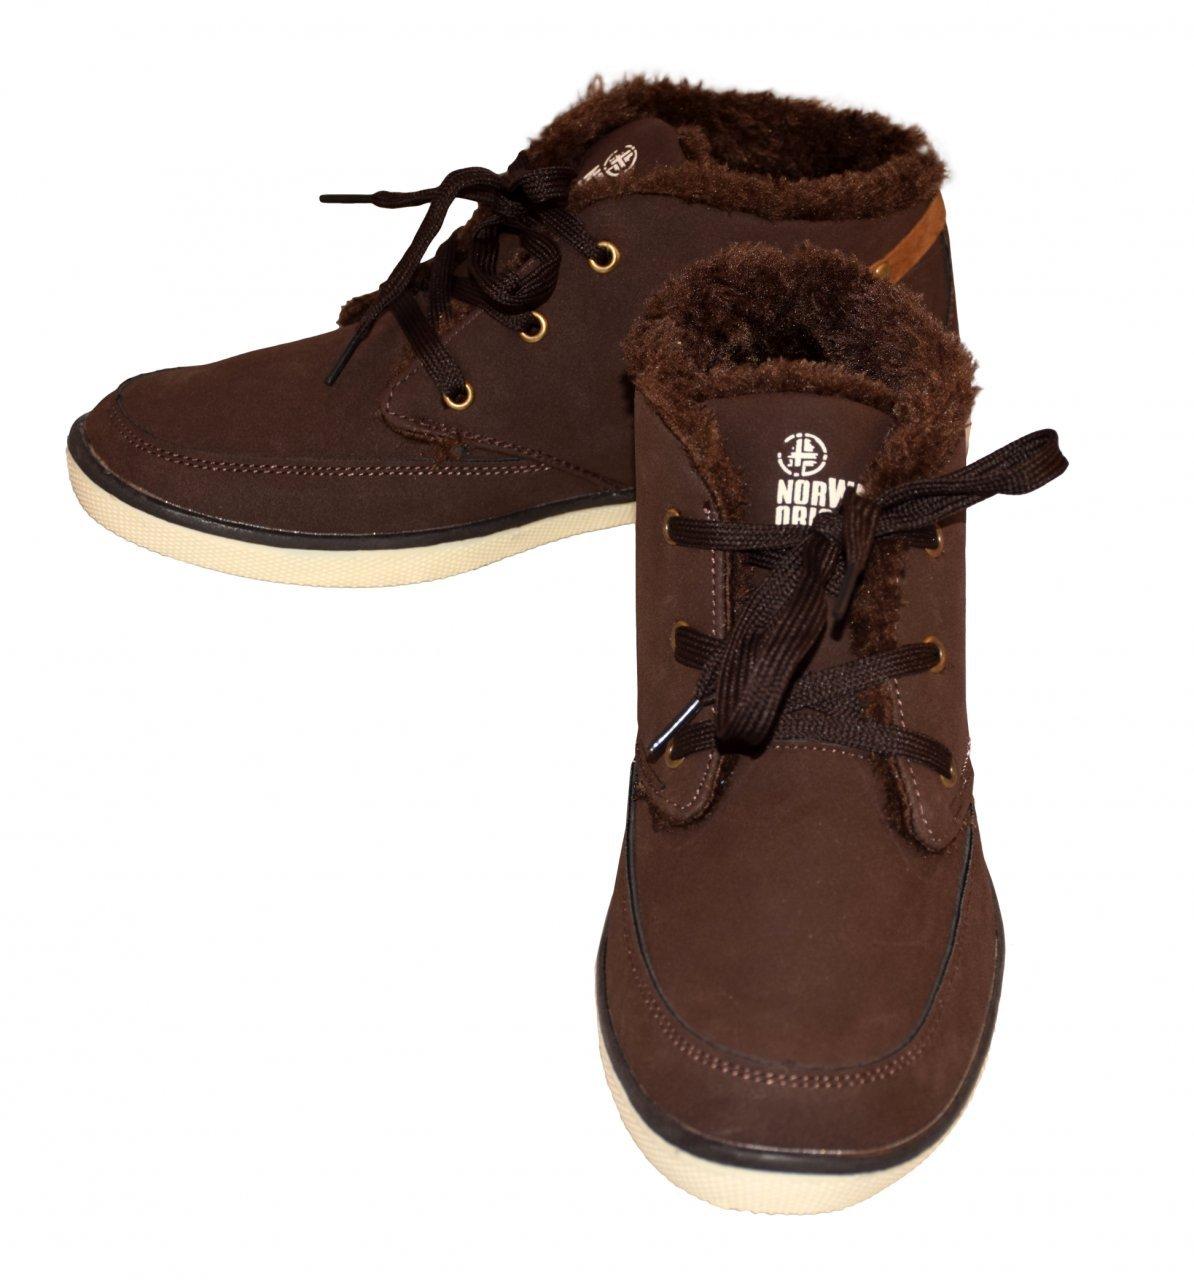 NORWAY Originals Damen Warmfutter-Schnürstiefel - Ladies Casual Sneakers